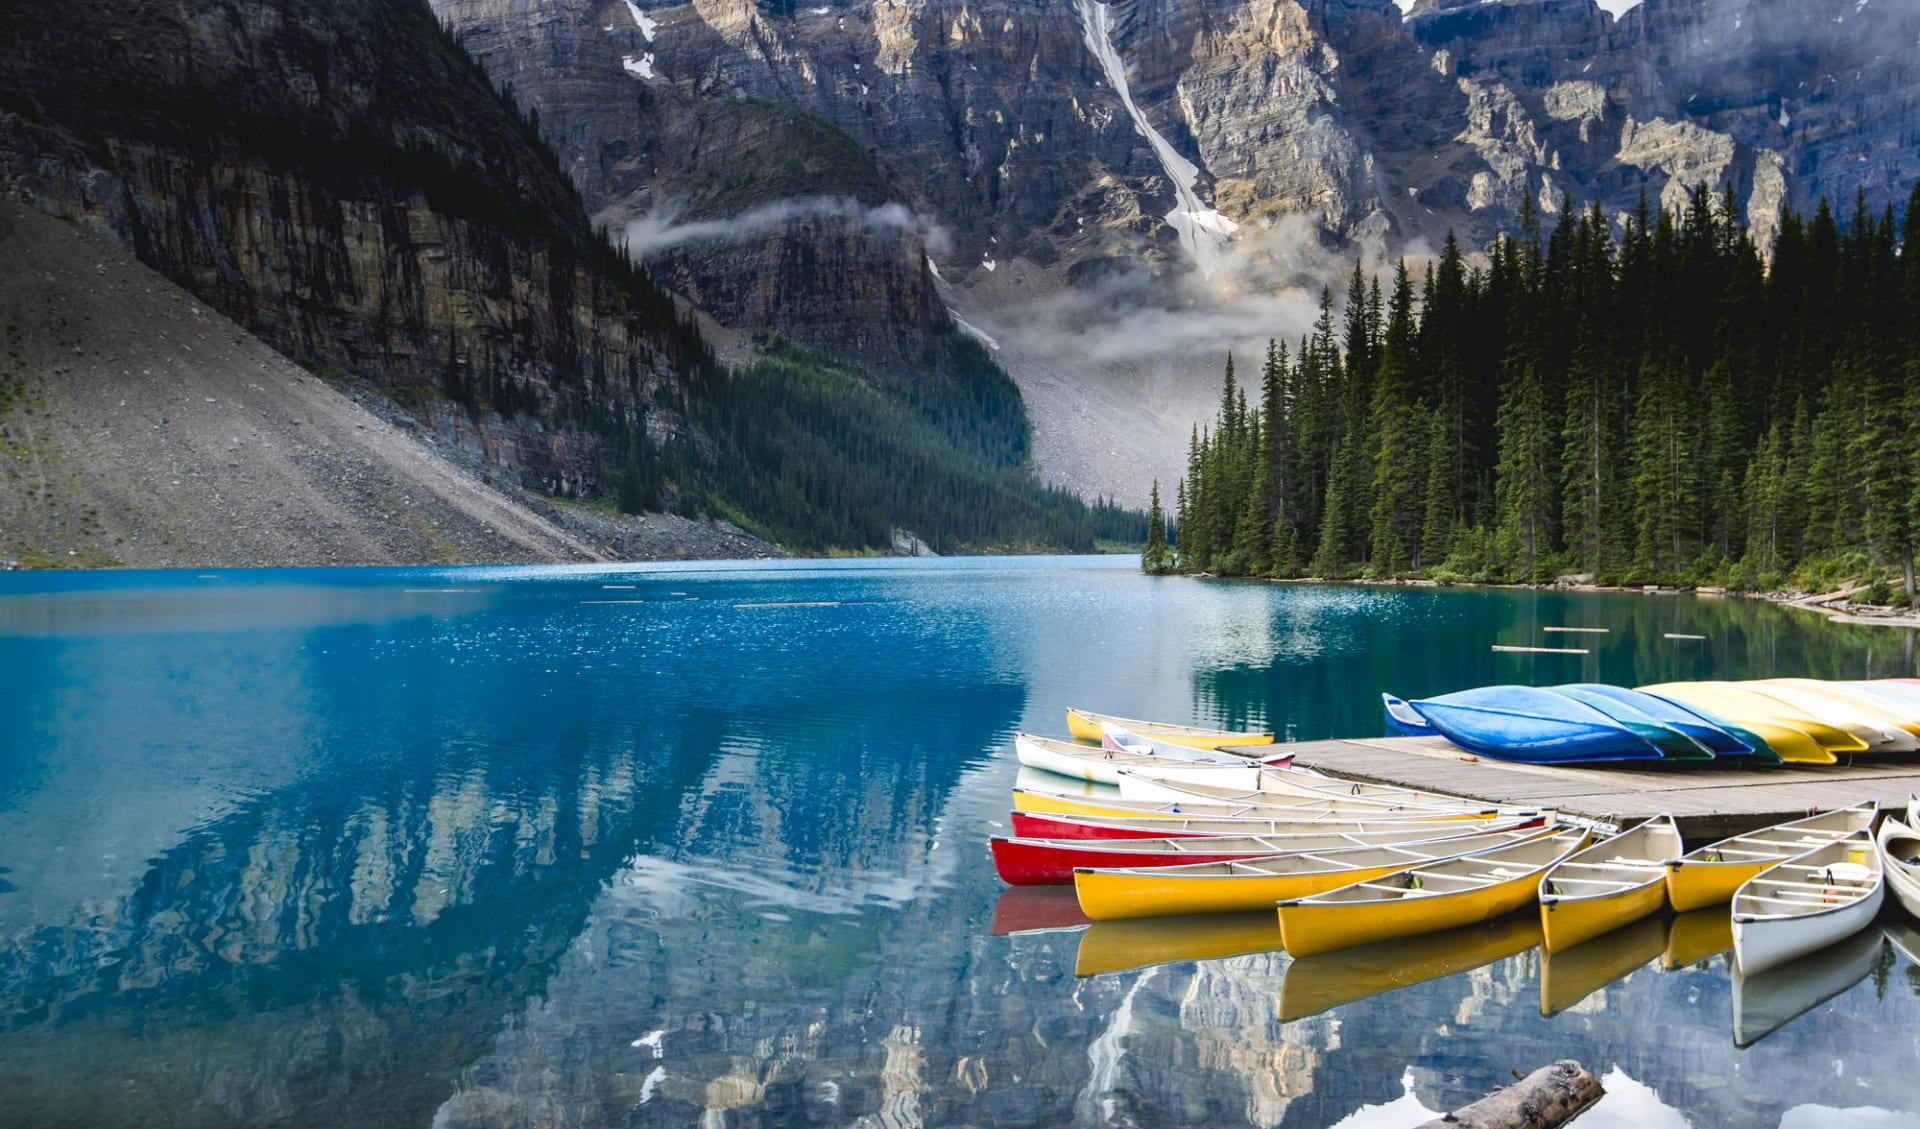 Le meilleur de Banff et Jasper: Banff Nationalpark - Moraine Lake